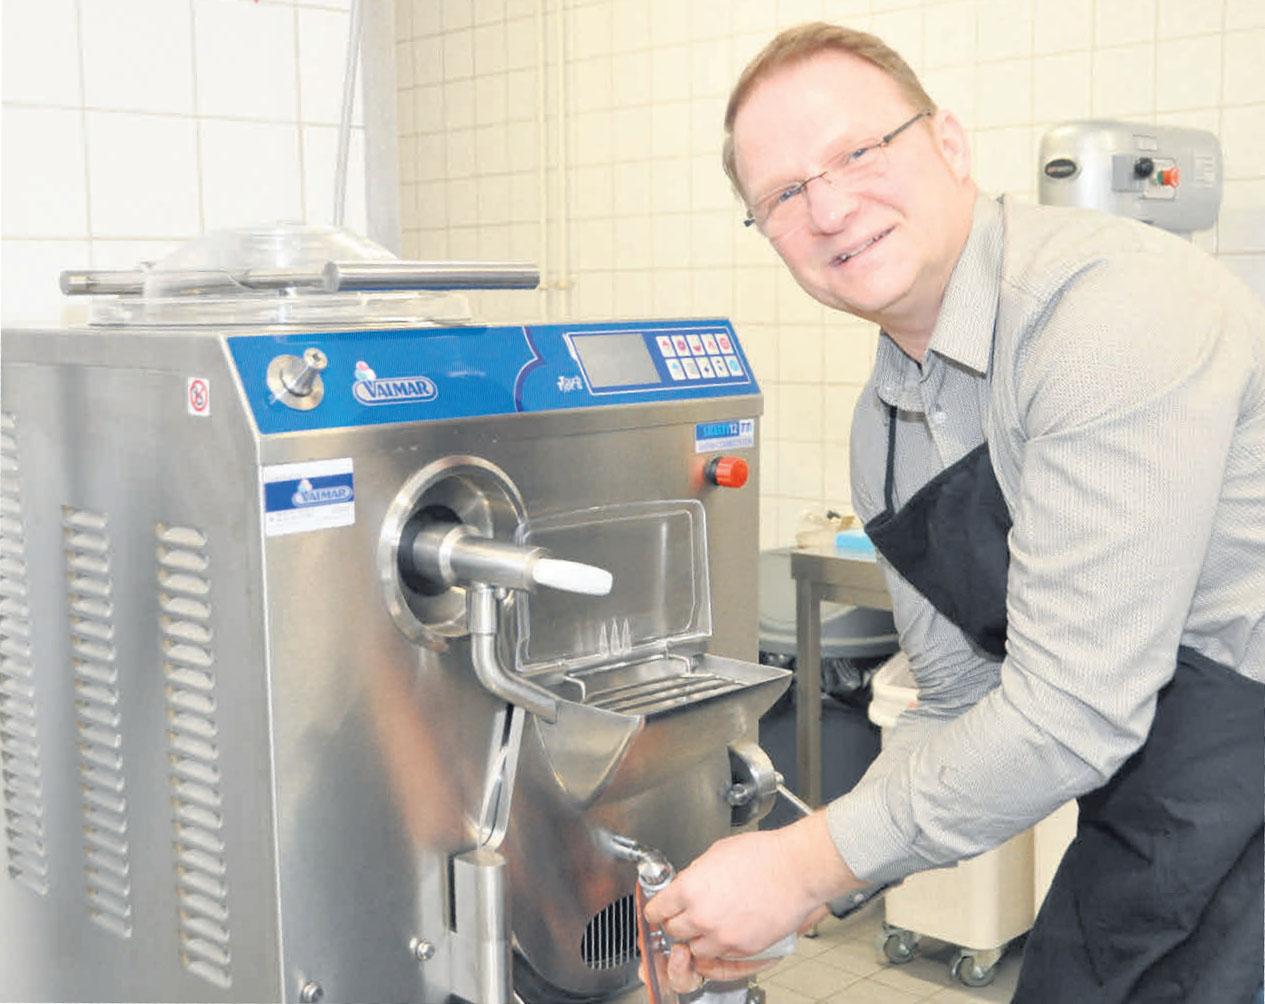 Frank Blume stellt das Eis für sein Café selbst her. Das Bild zeigt ihn bei der technischen Vorbereitung seiner neuen Eismaschine.